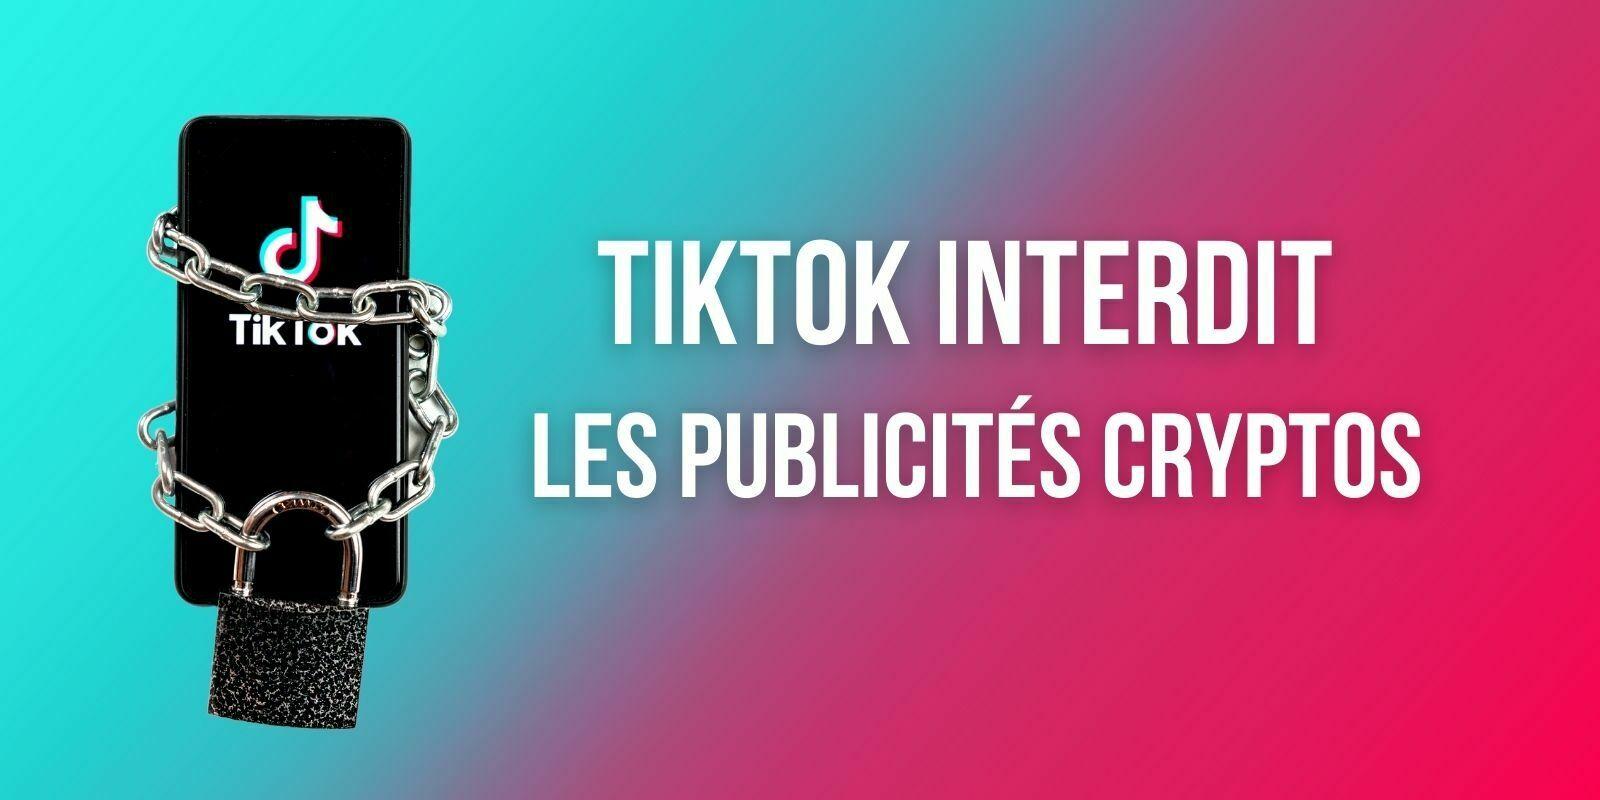 TikTok interdit les publicités faisant la promotion des cryptomonnaies